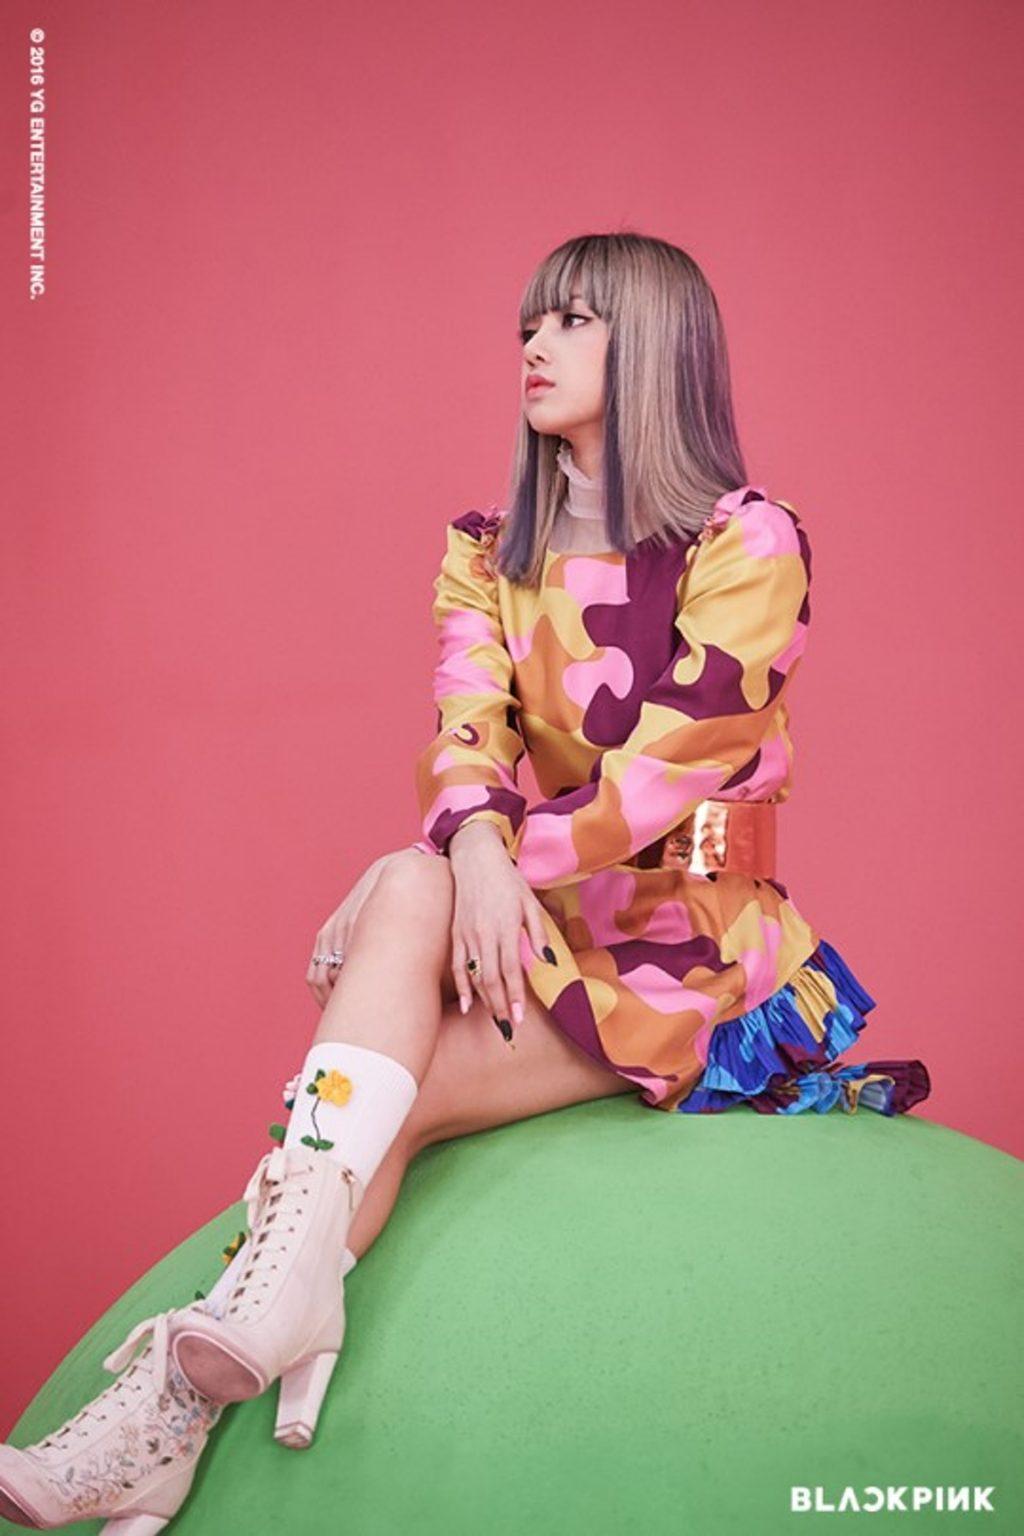 Lisa màu tóc_YESASIA